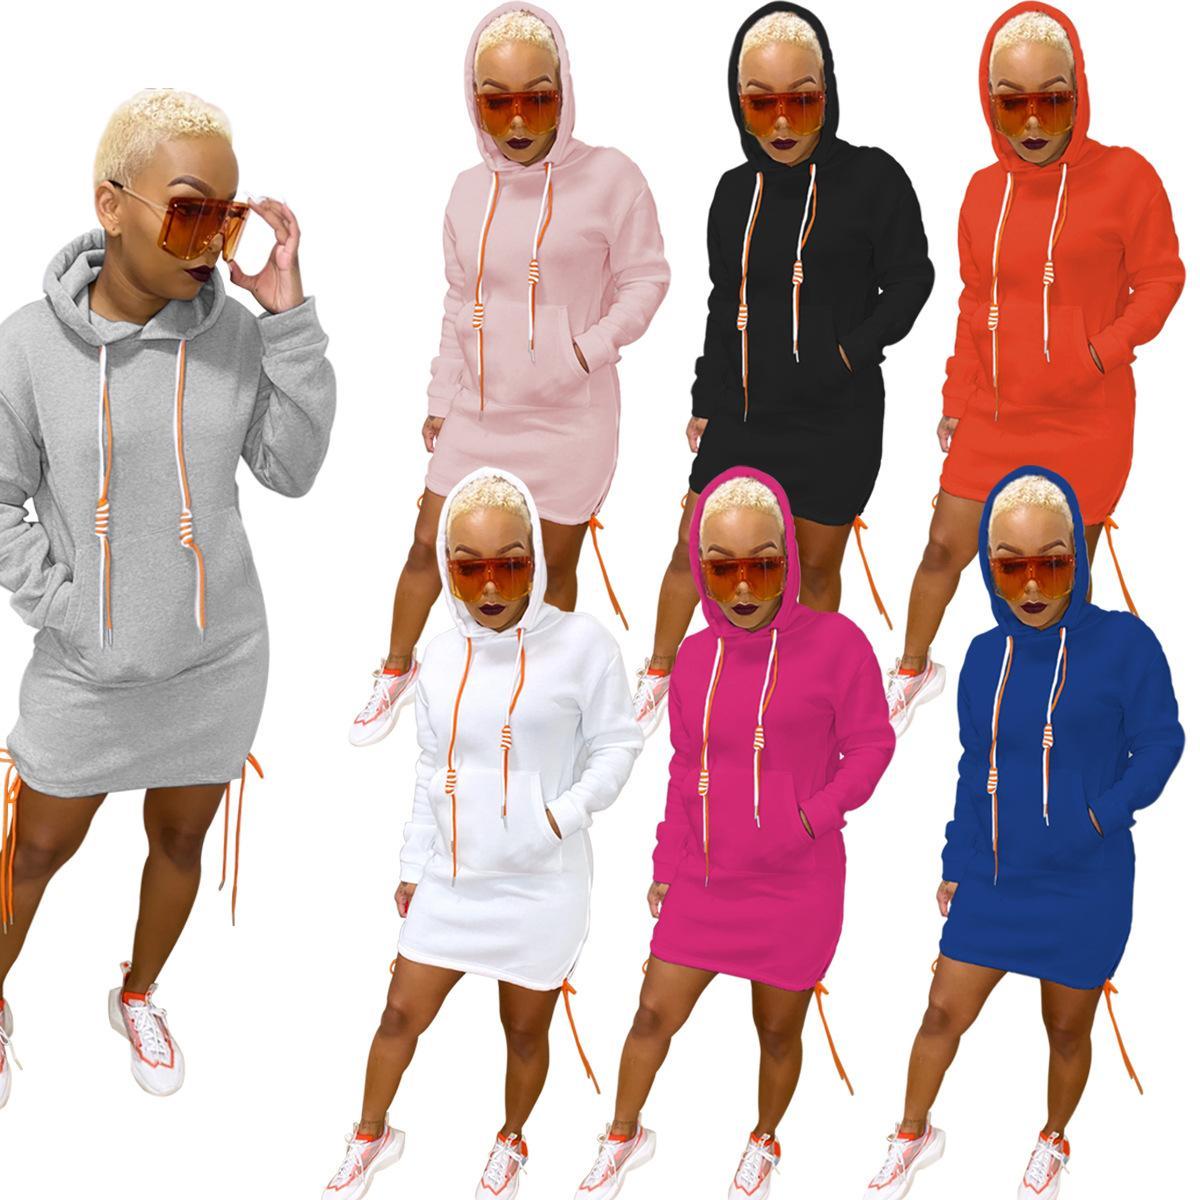 Femmes robe à manches longues et de la mode automne 2020 hiver robes décontractées pullover robe col rond avec des liens